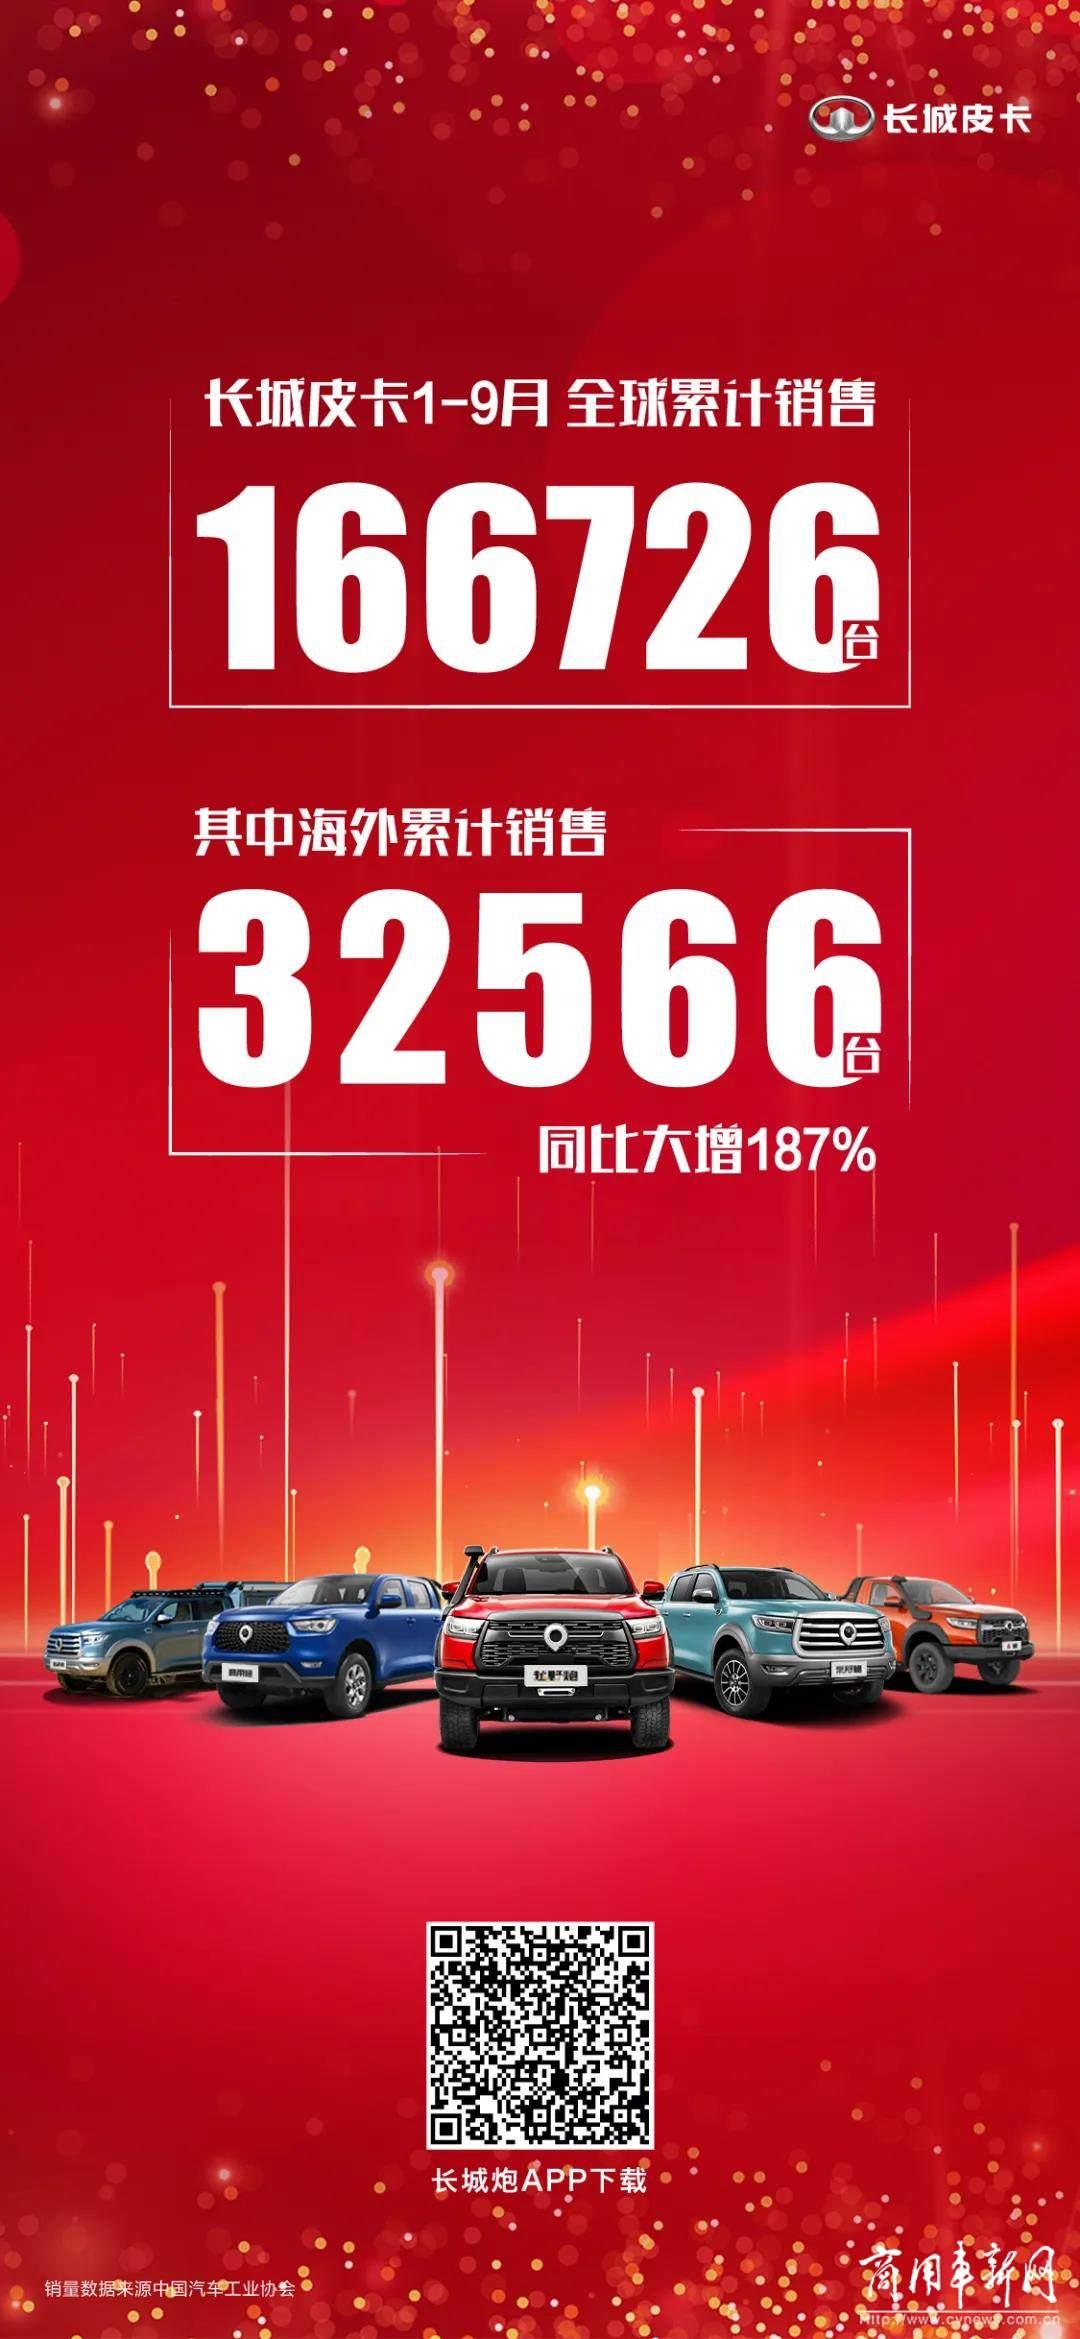 长城皮卡1-9月全球累计销售166726台